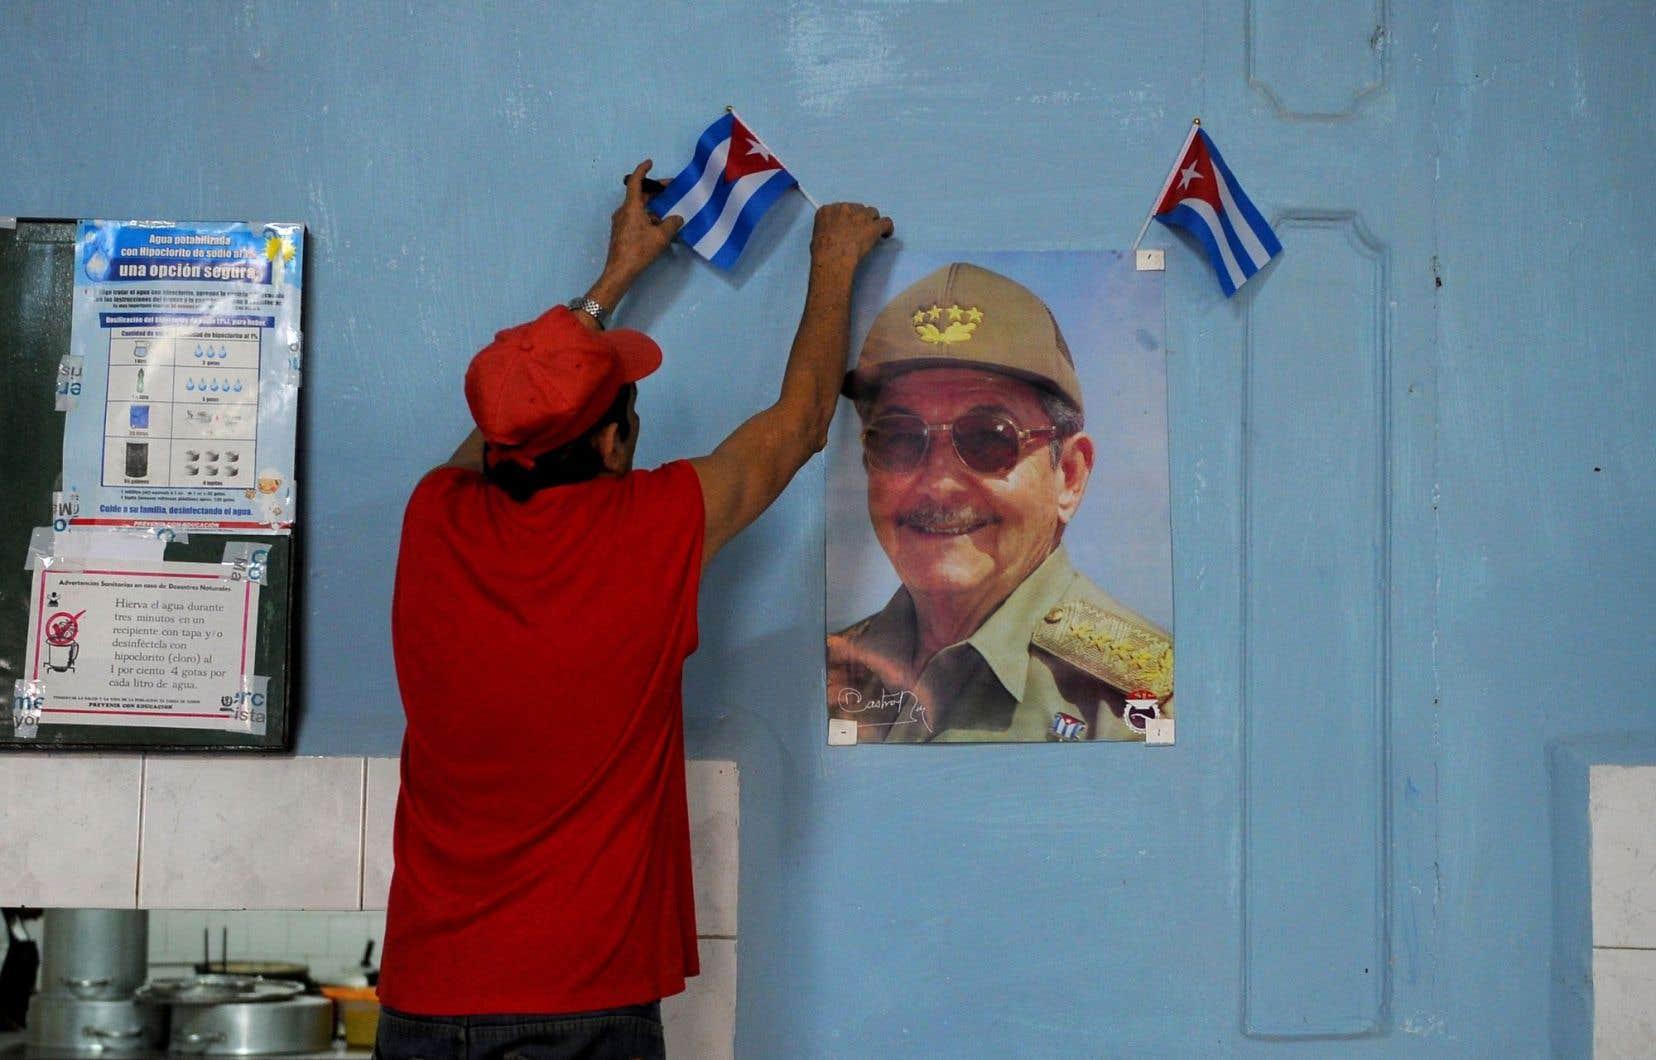 Sur son lieu de travail, un homme accroche un drapeau cubain à une photographie du président Raùl Castro, le 23 février 2017.